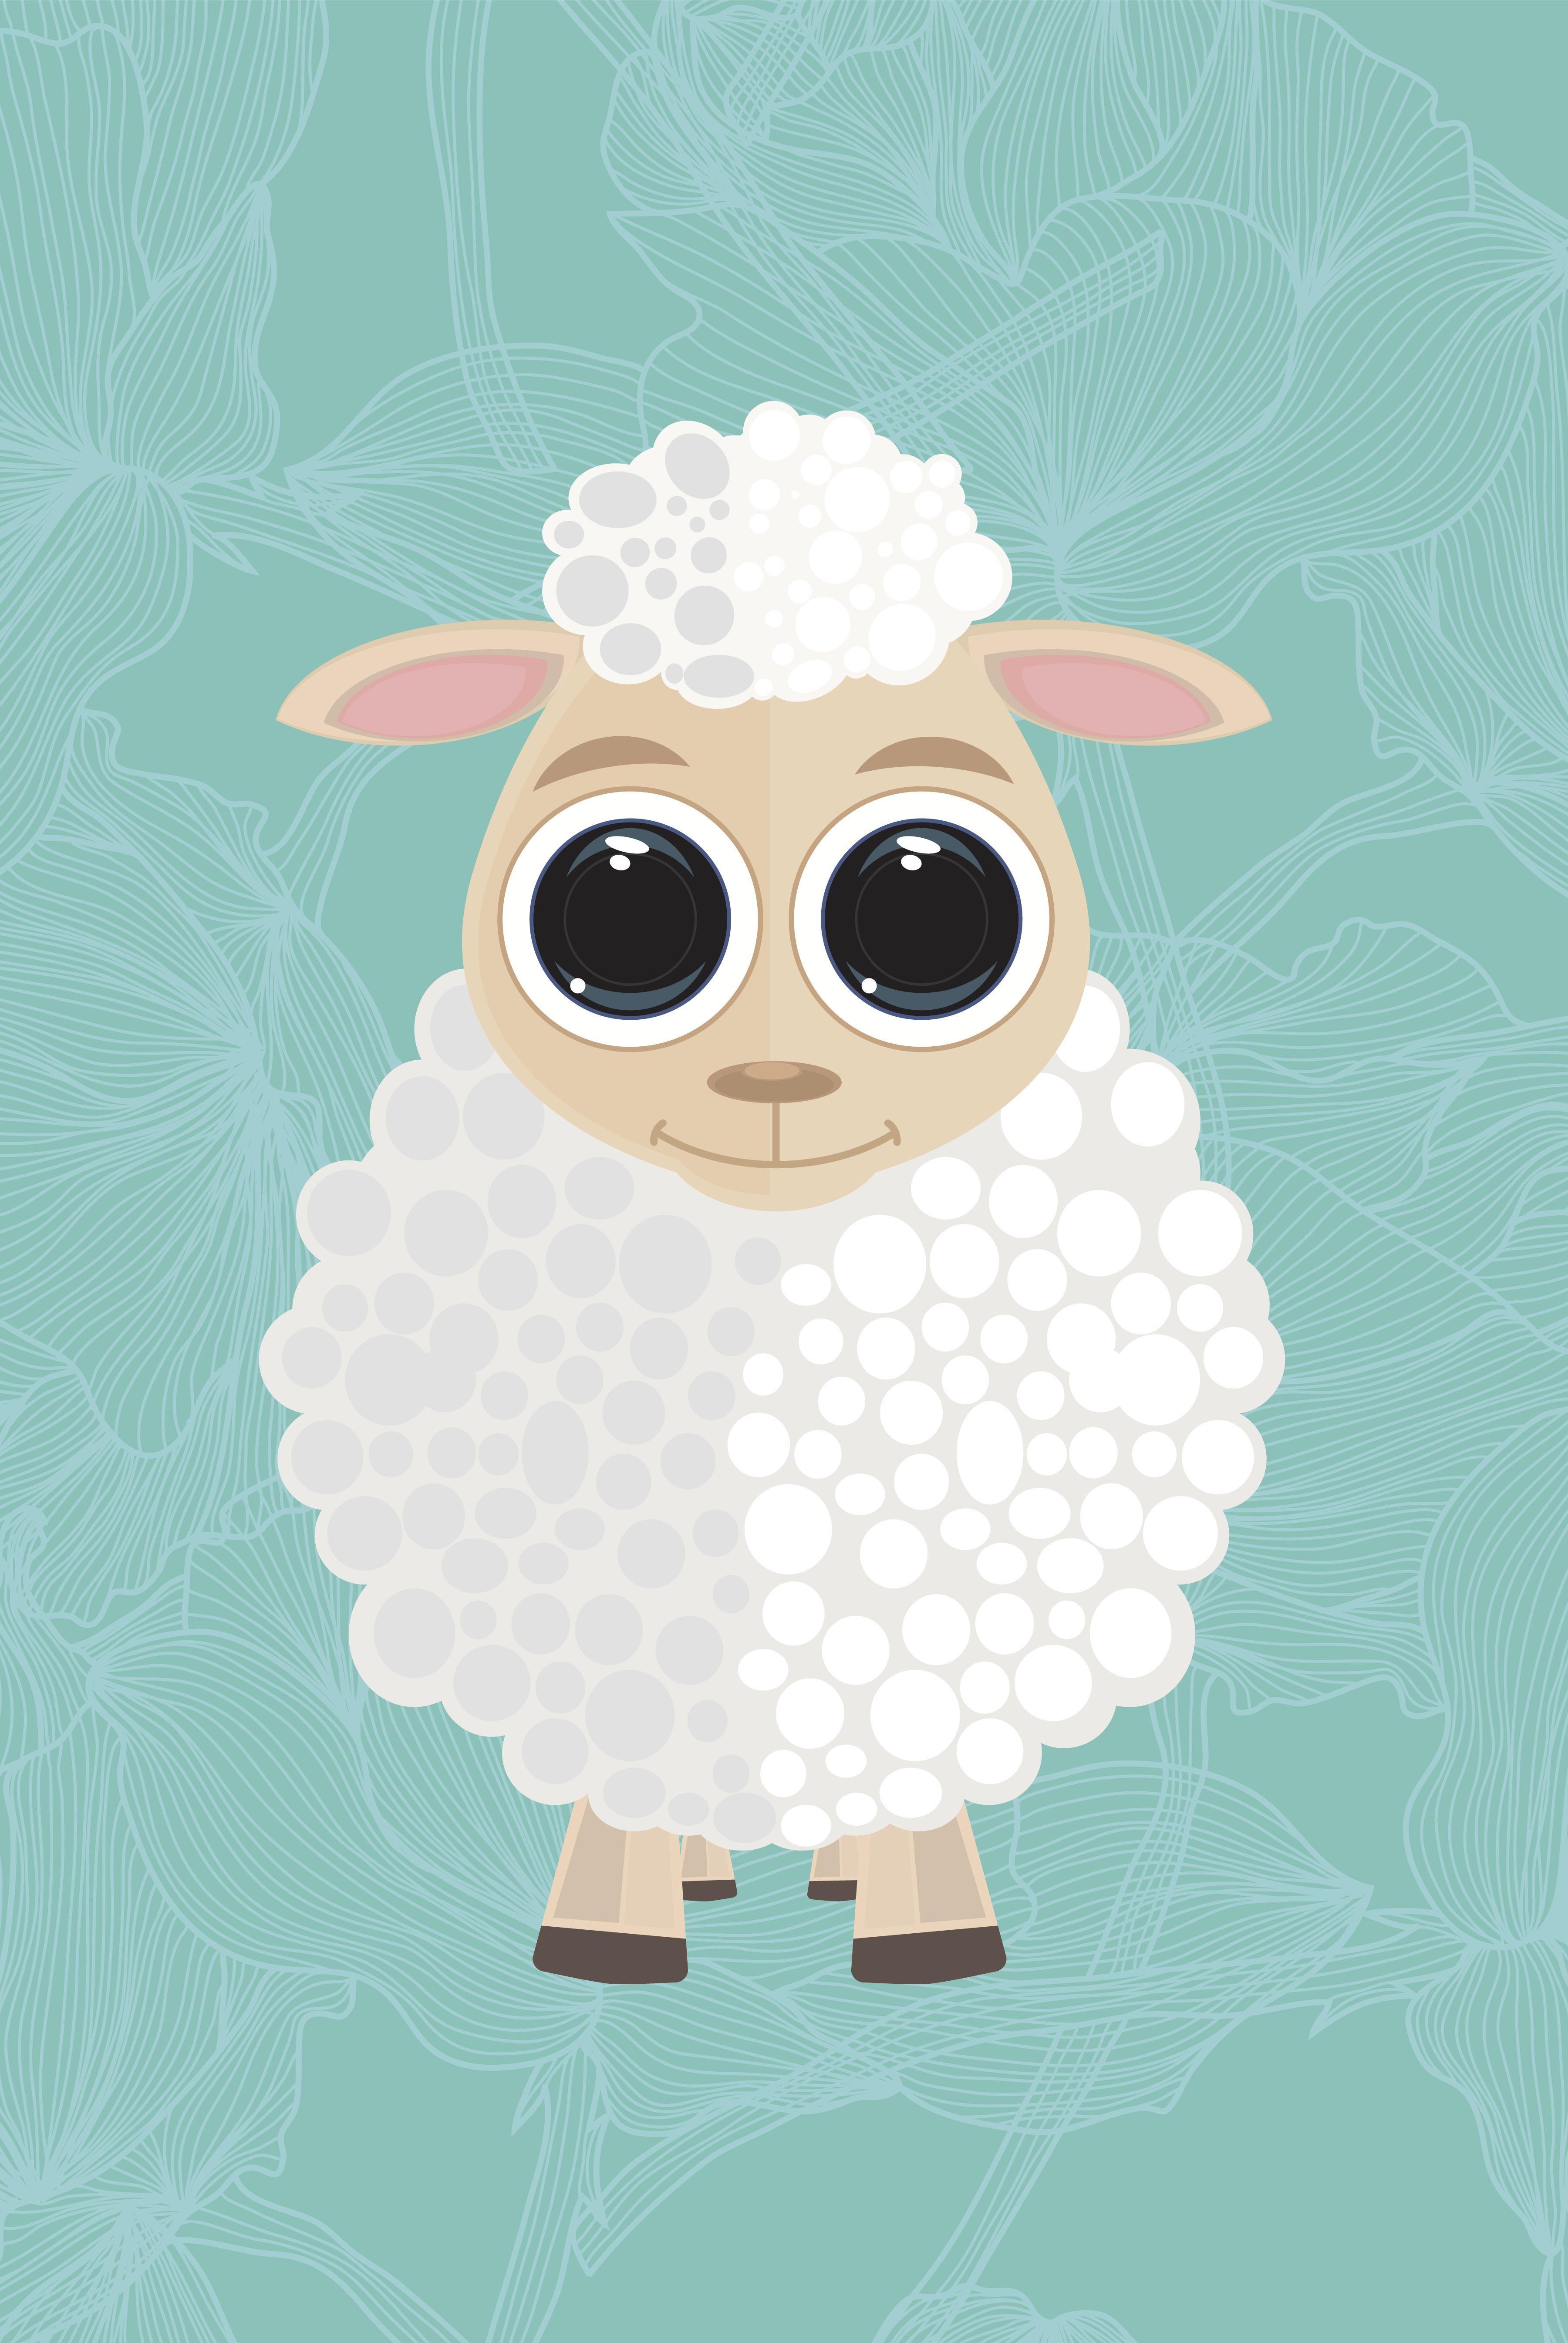 صور خرفان عيد اجمل صور خروف العيد صور خروف العيد كرتون خروف العيد الكبير Funny Sheep Animal Clipart Animals Images